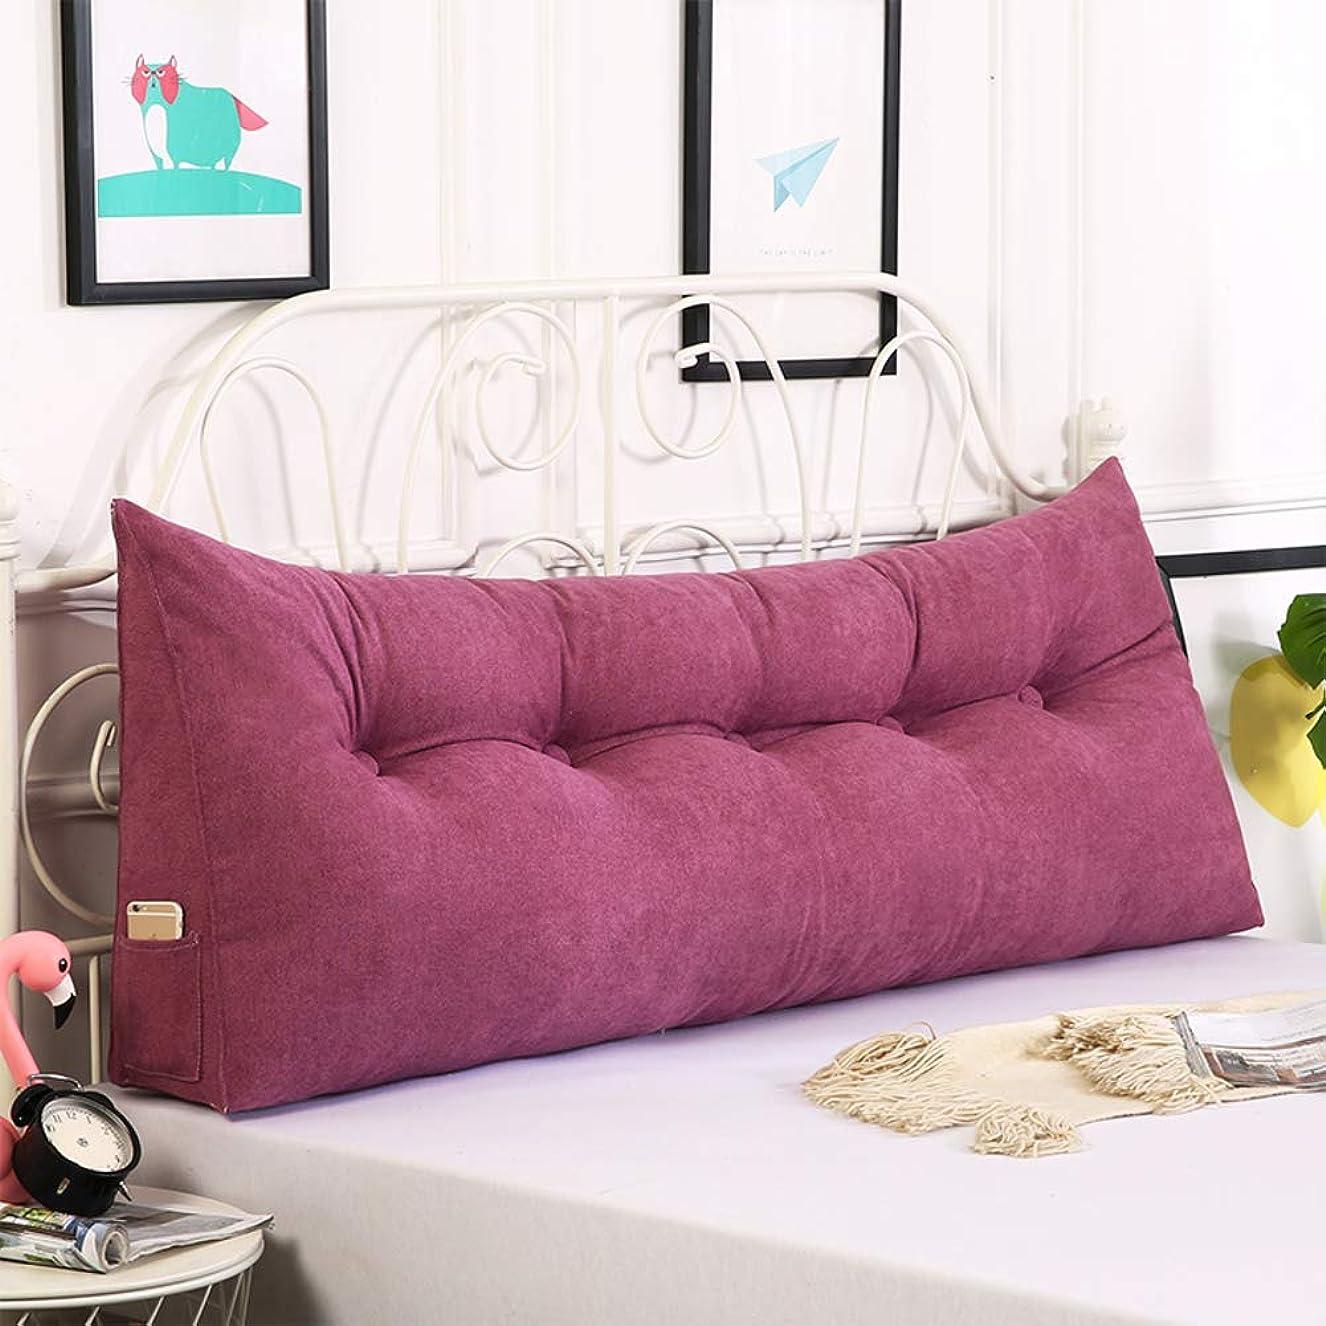 からに変化する肉腫苦しめるPp コットン 三角ウェッジ枕,単色 ダブル 読書枕,畳 隠しジッパー デザイン リムーバブル ソファやベッドの-パープル 80x20x50cm(31x8x20)